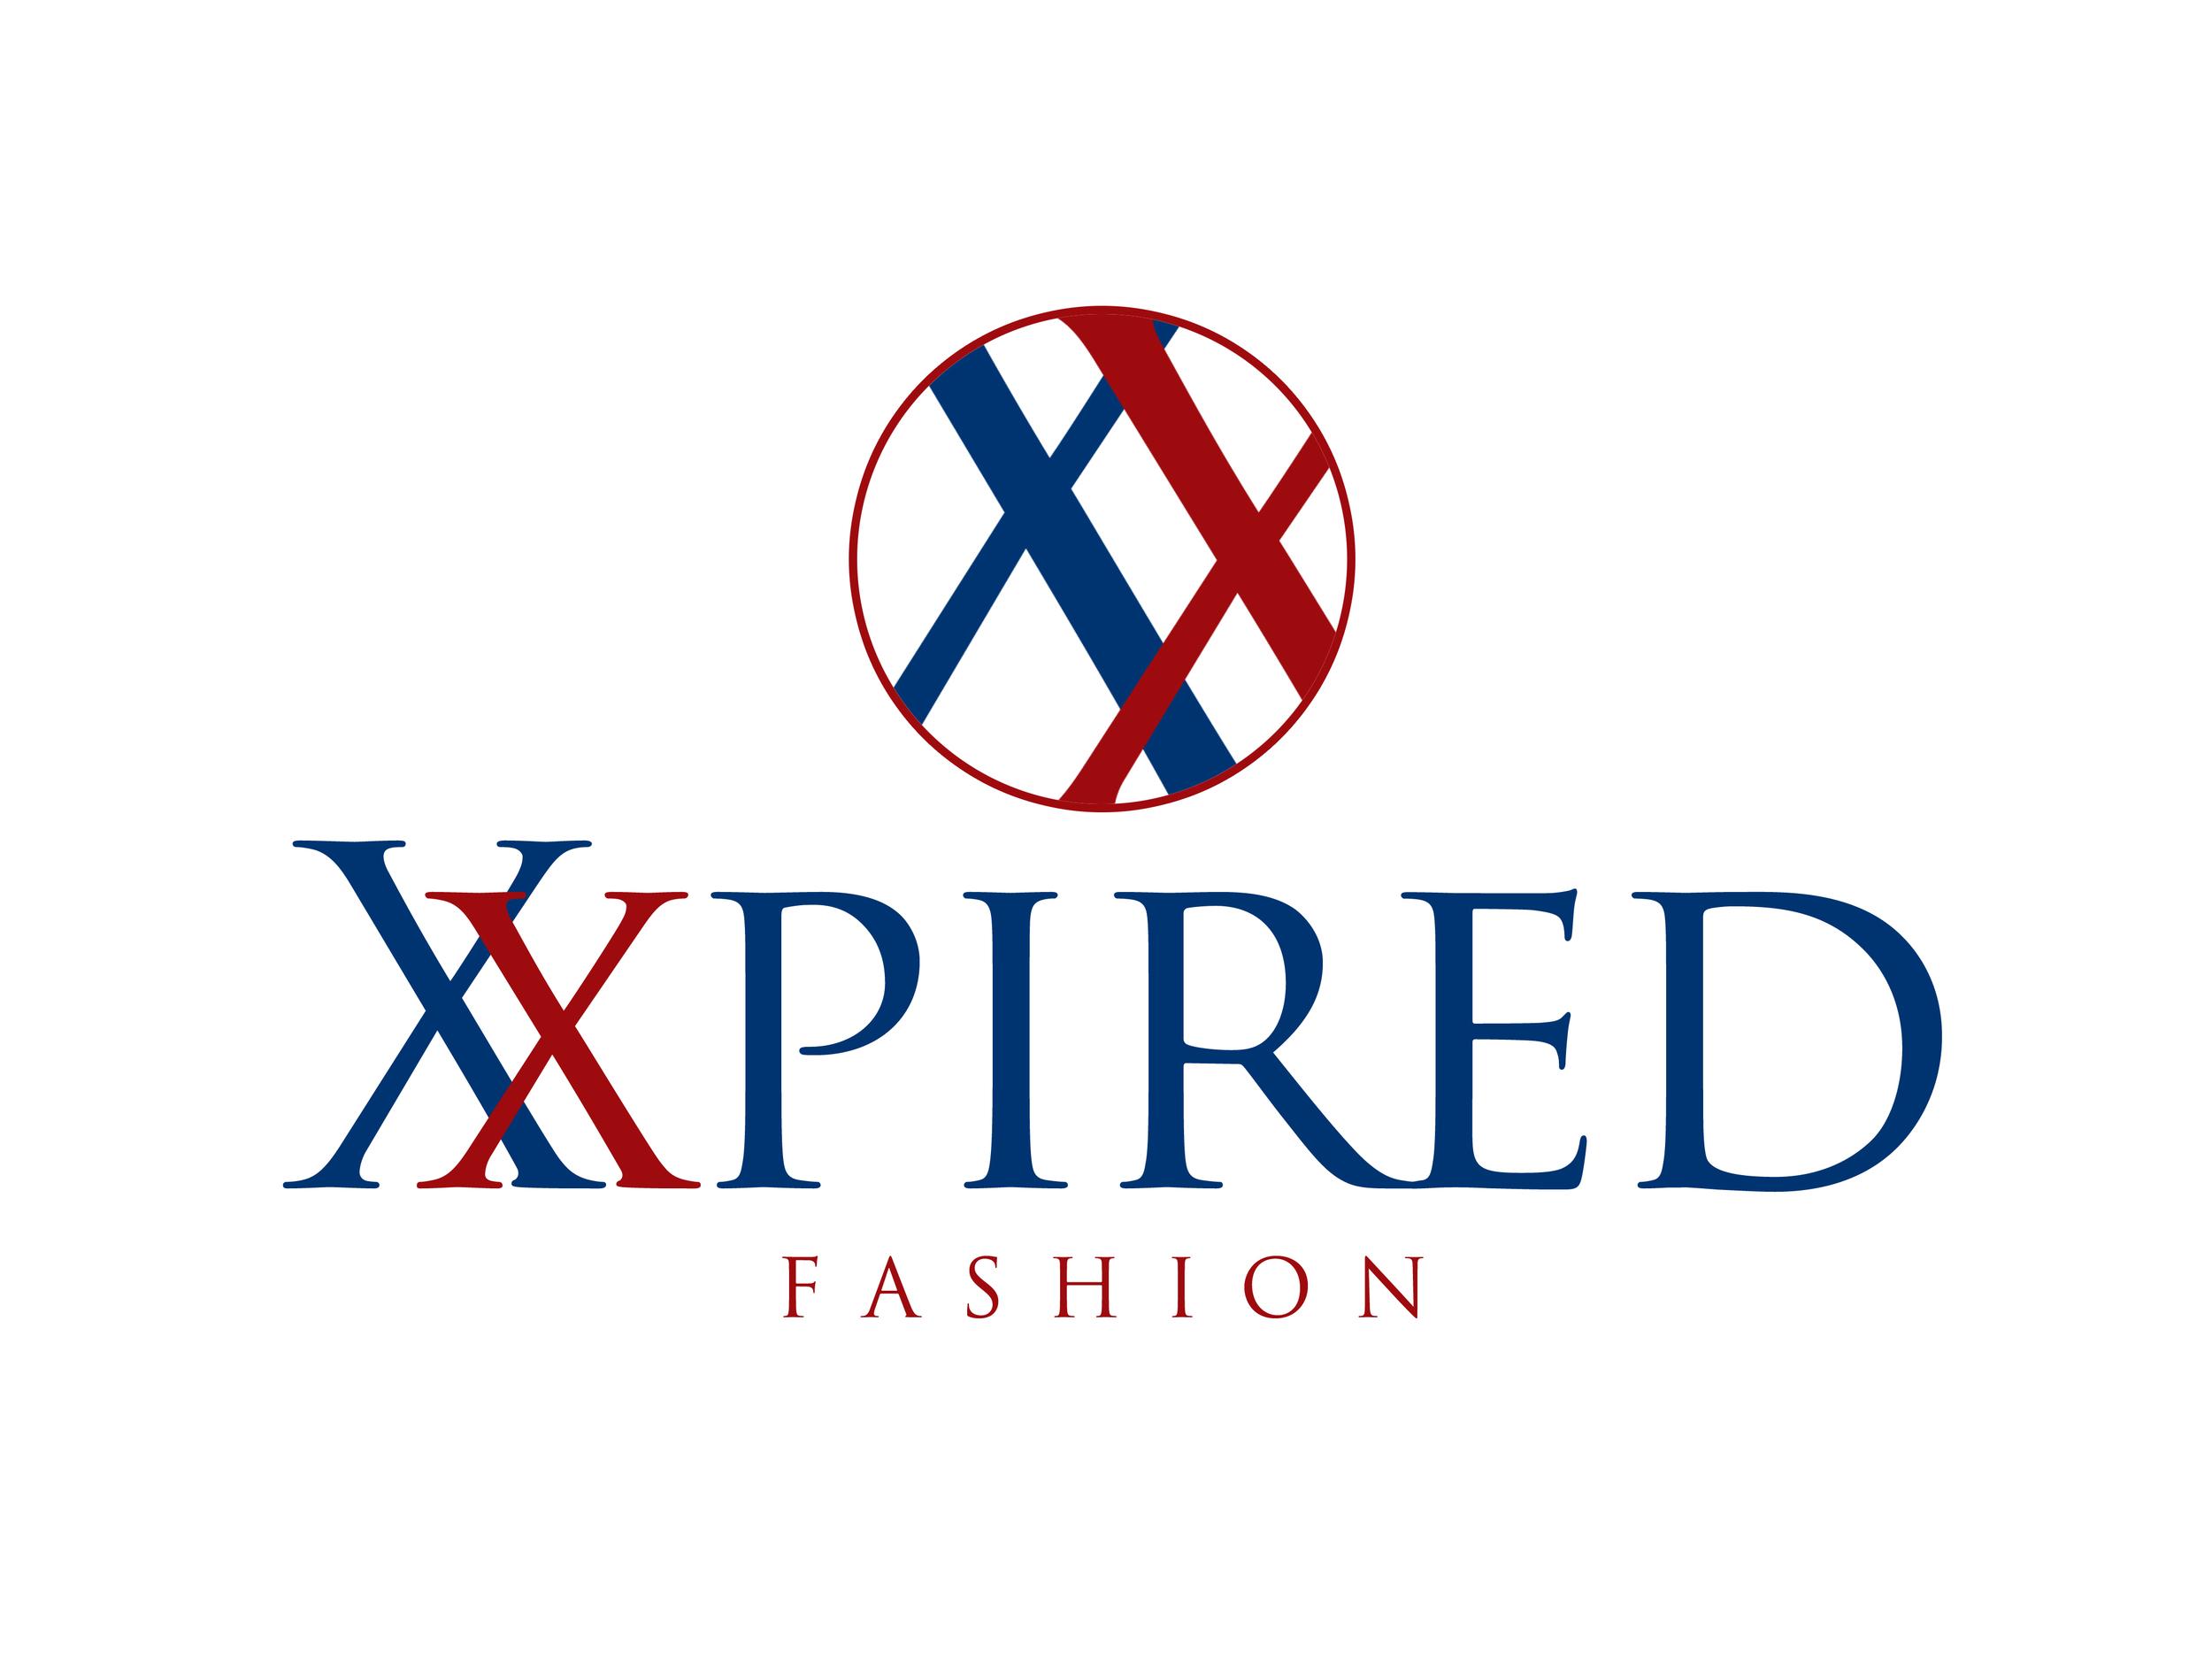 Xxpired Fashion